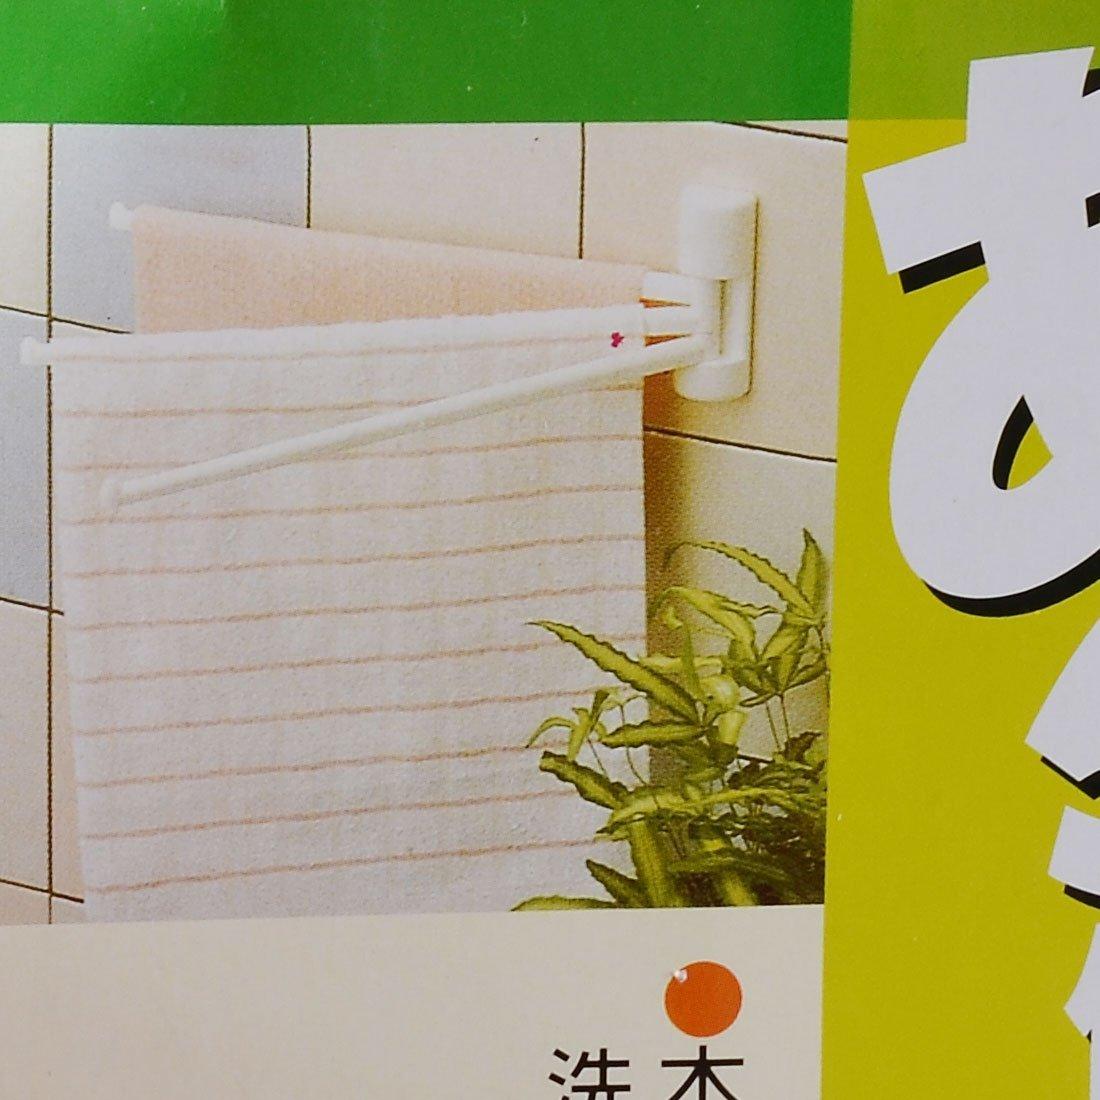 Amazon.com: eDealMax plástico de baño oscilación Holder 3 Armas suspensión de la toalla 13 Blanco Largo: Home & Kitchen